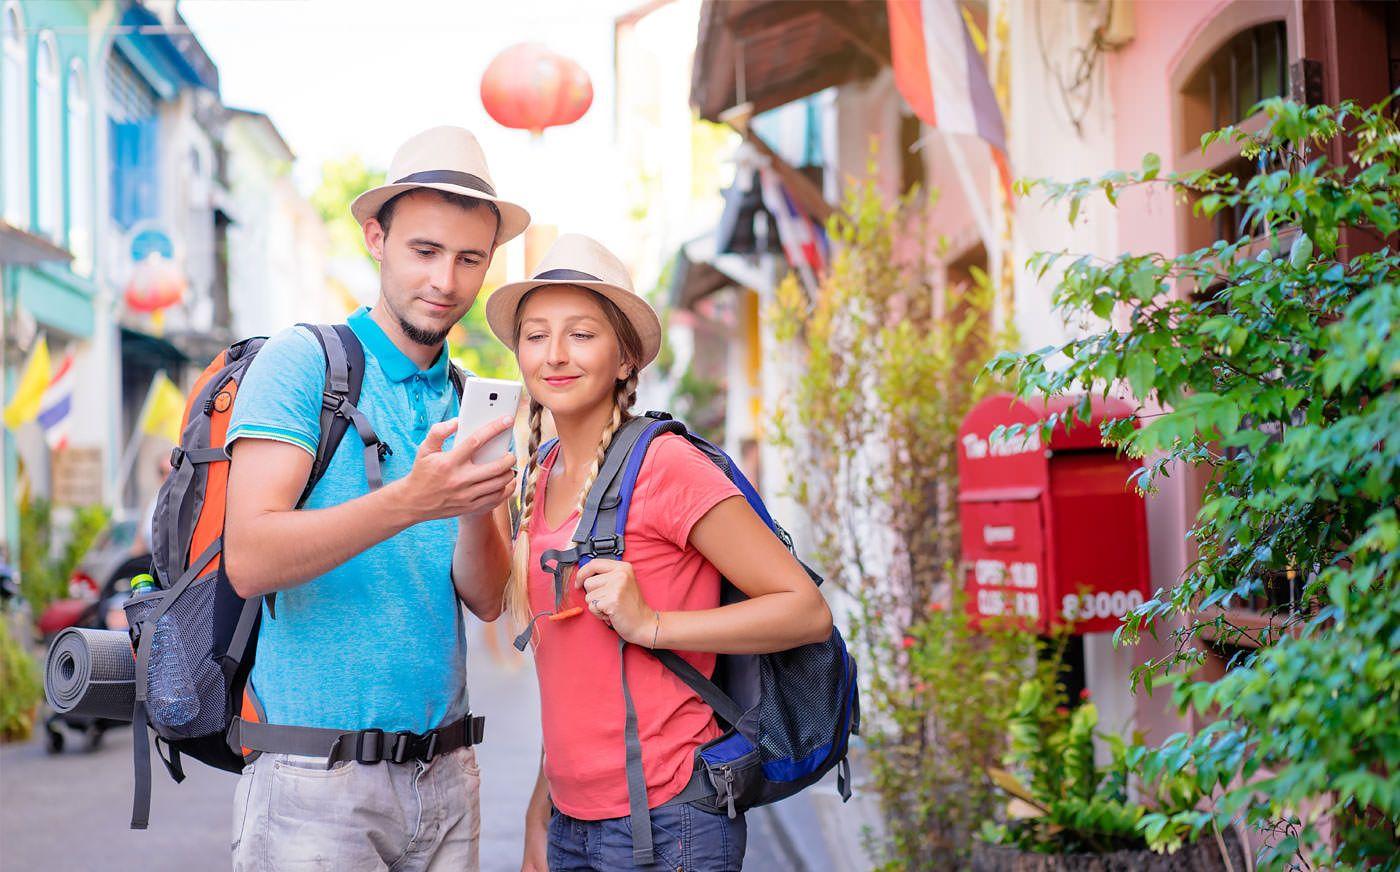 Una pareja viendo su smarthpone en medio de una calle